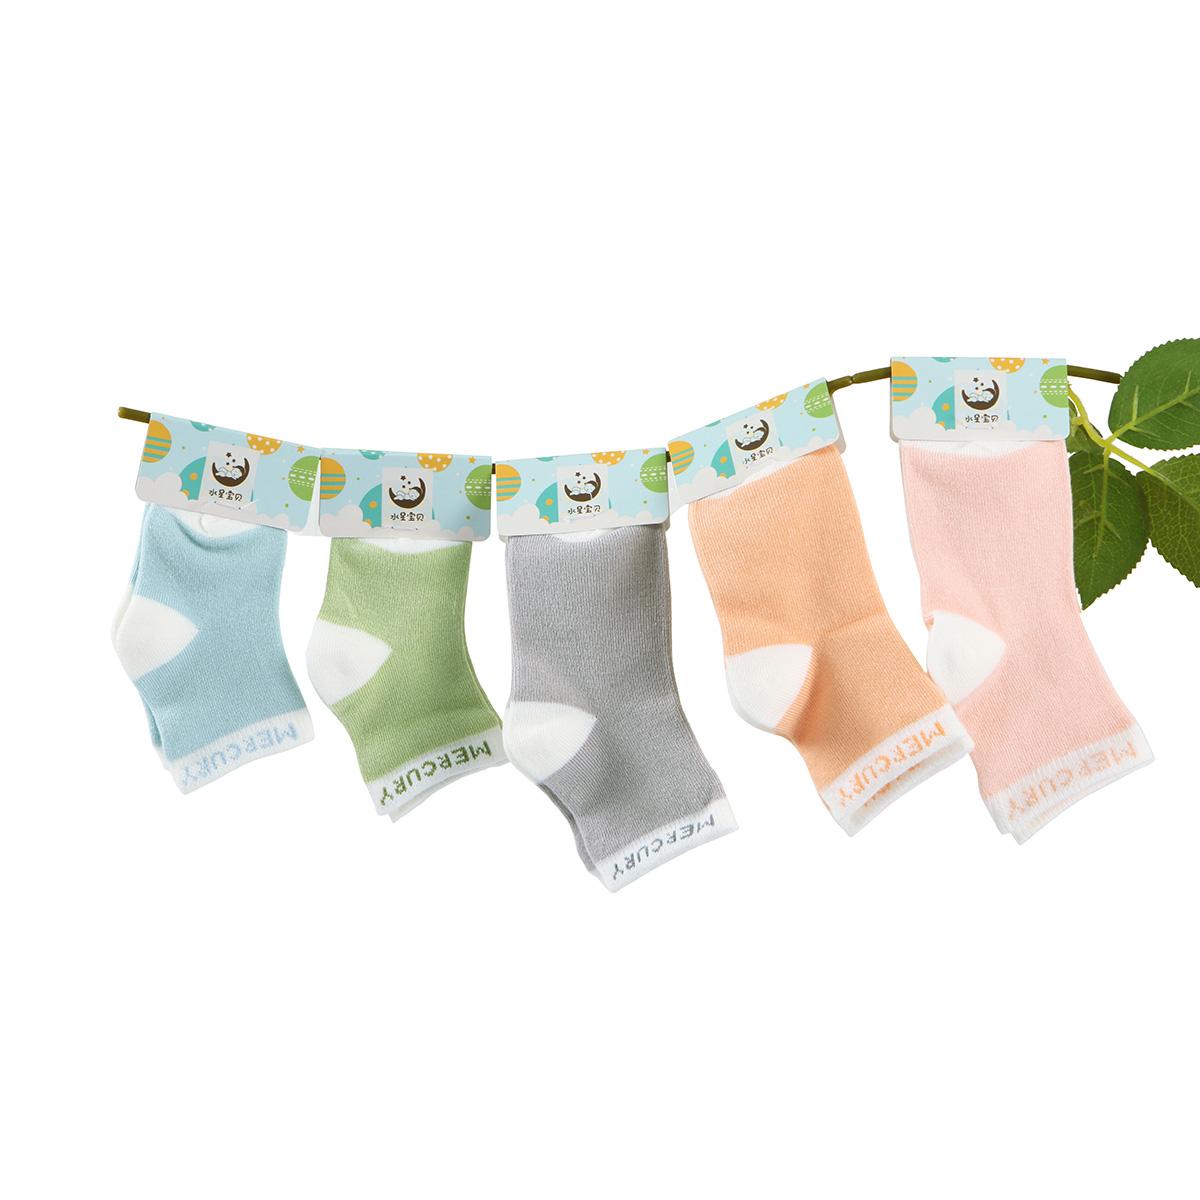 水星寶貝Baby多彩襪子春秋保暖兒童襪子0-1歲四季可用